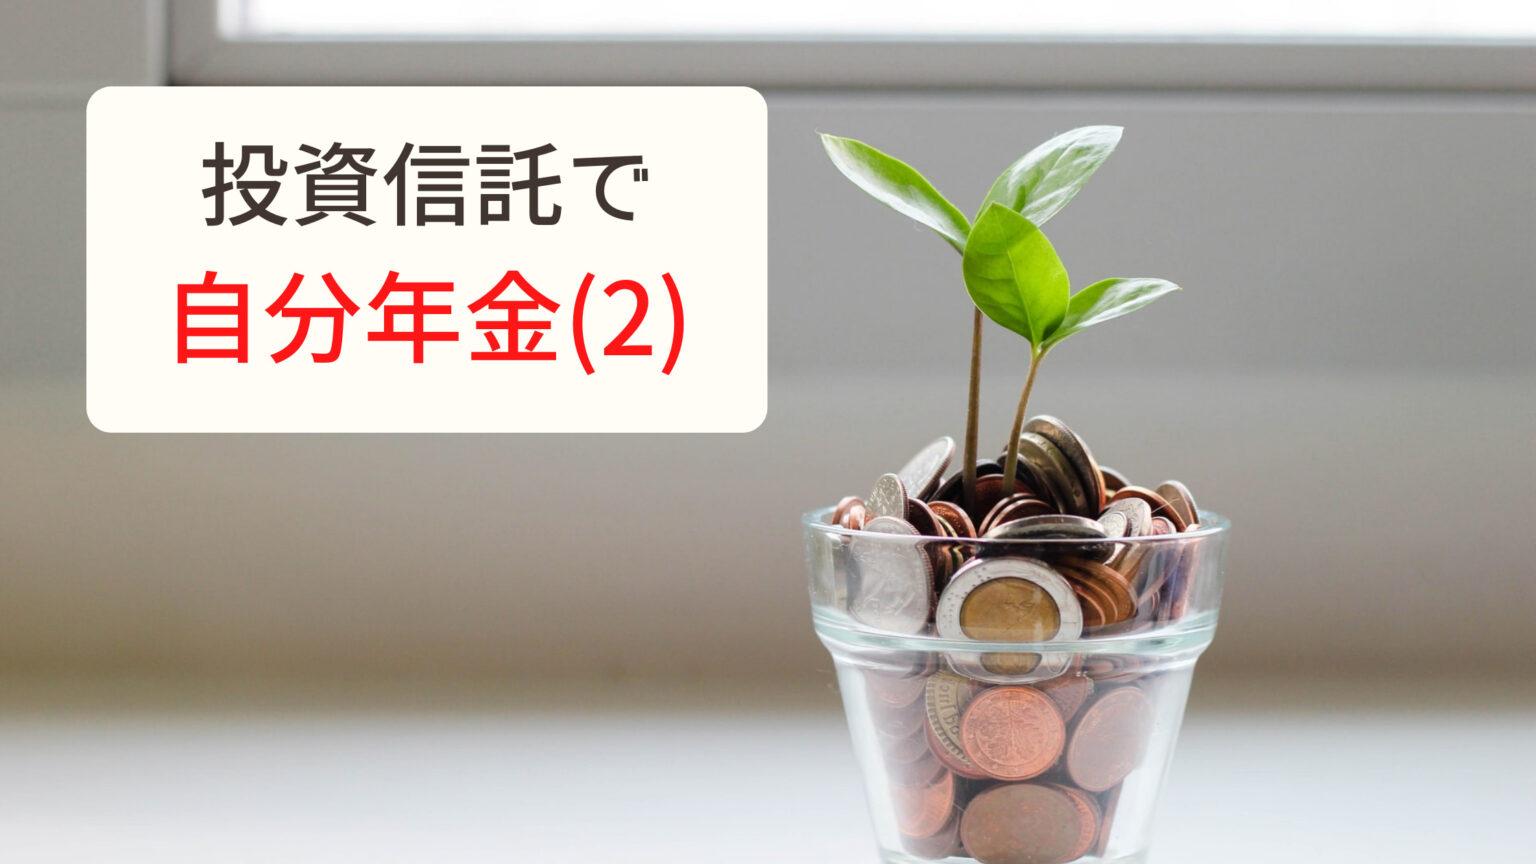 投資信託 自分年金